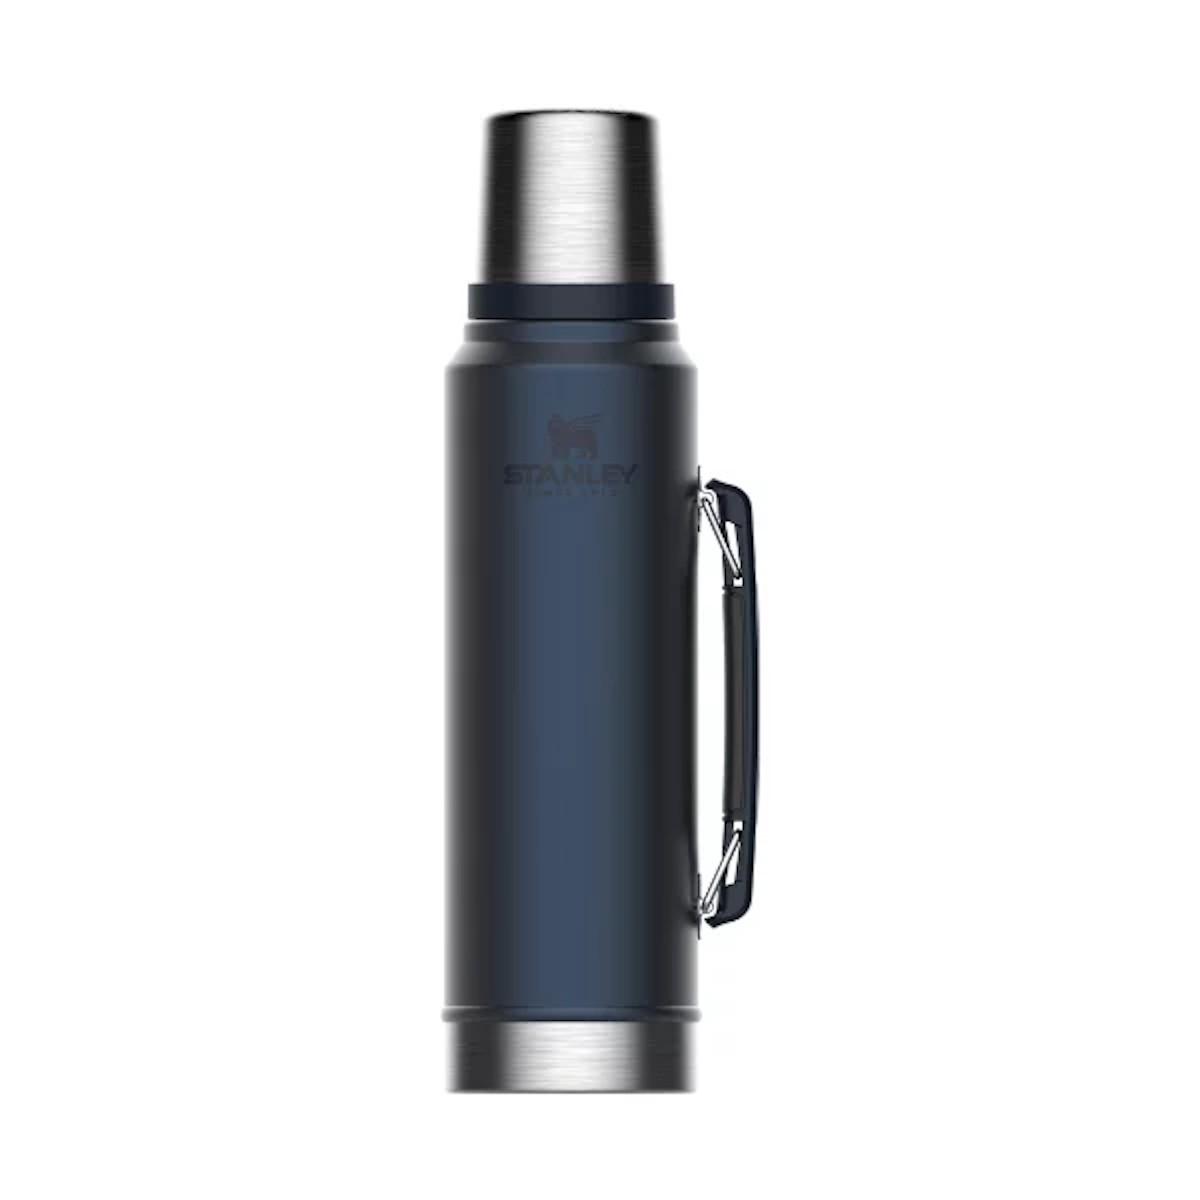 Garrafa Térmica Lendária Classic Bottle Frio/Quente 1L Cerveja/Líquidos - Stanley